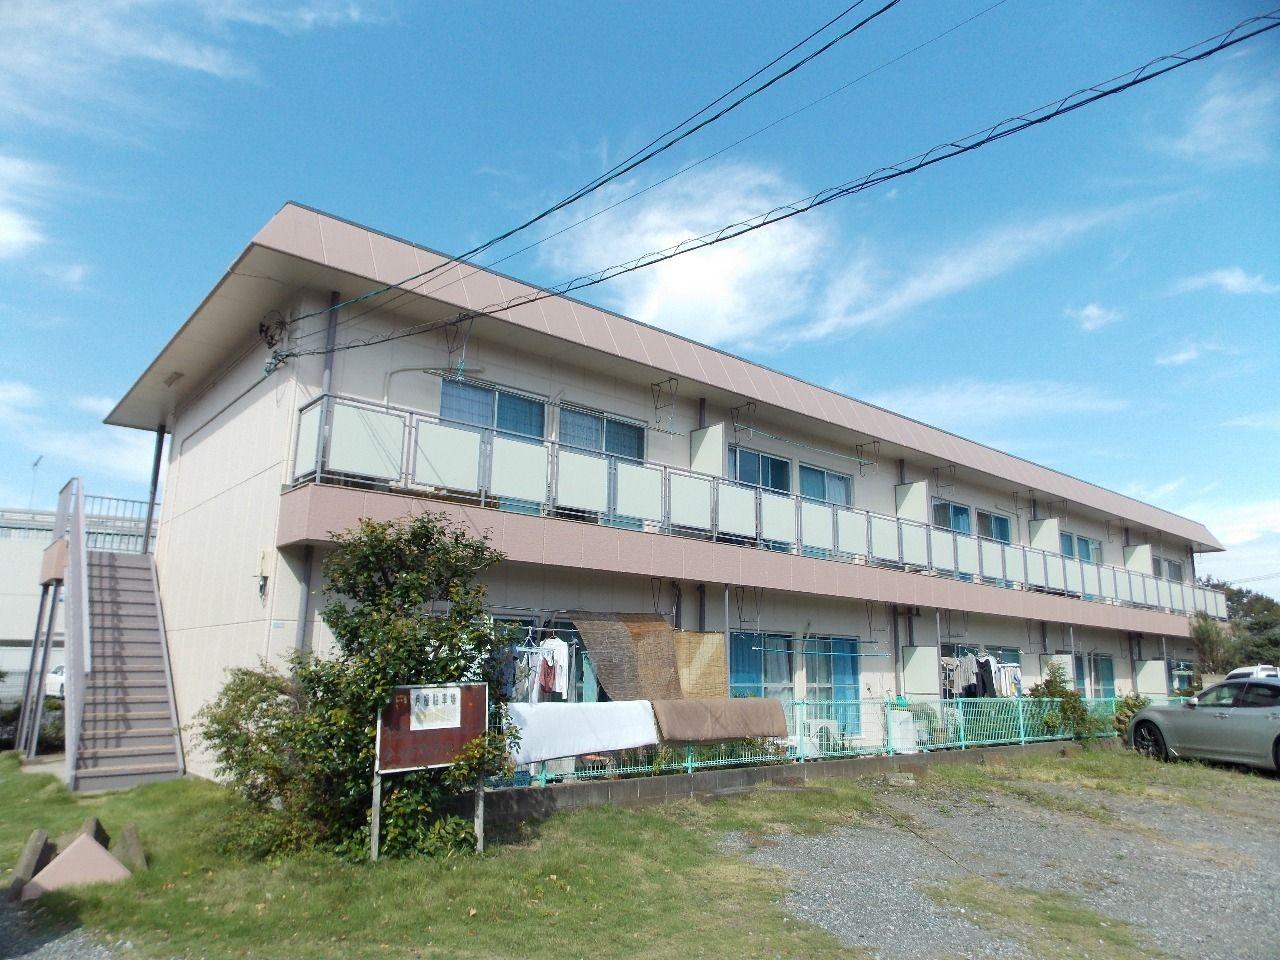 「柴崎体育館駅」「立川駅」の2駅利用可能